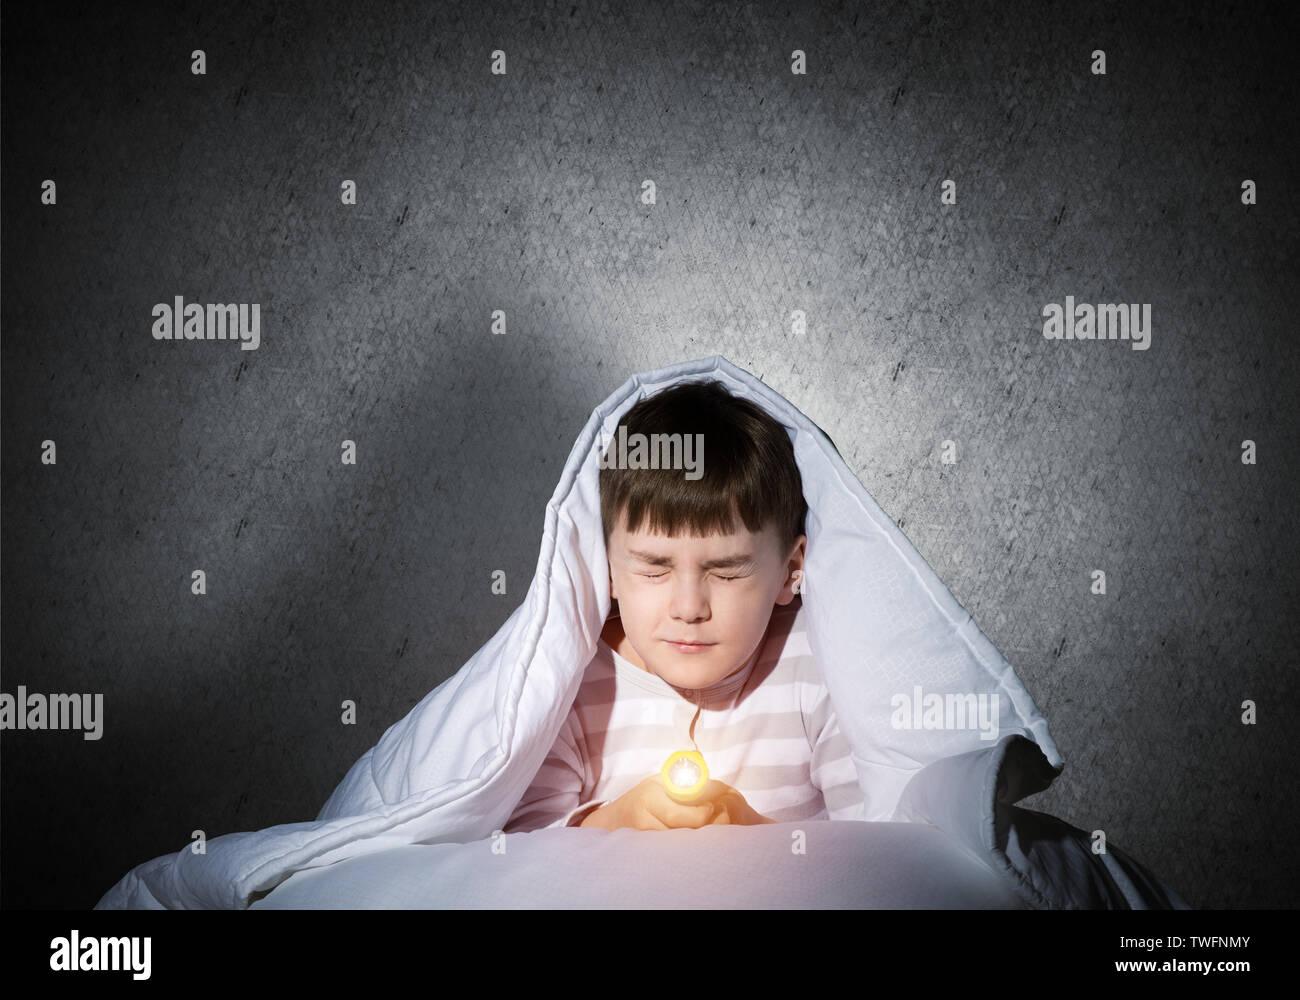 Verängstigten Kind mit der Taschenlampe unter der Bettdecke versteckt. Angst Kind mit geschlossenen Augen im Bett zu Hause liegen. Kleiner Junge kann nachts nicht schlafen. Portrait o Stockbild